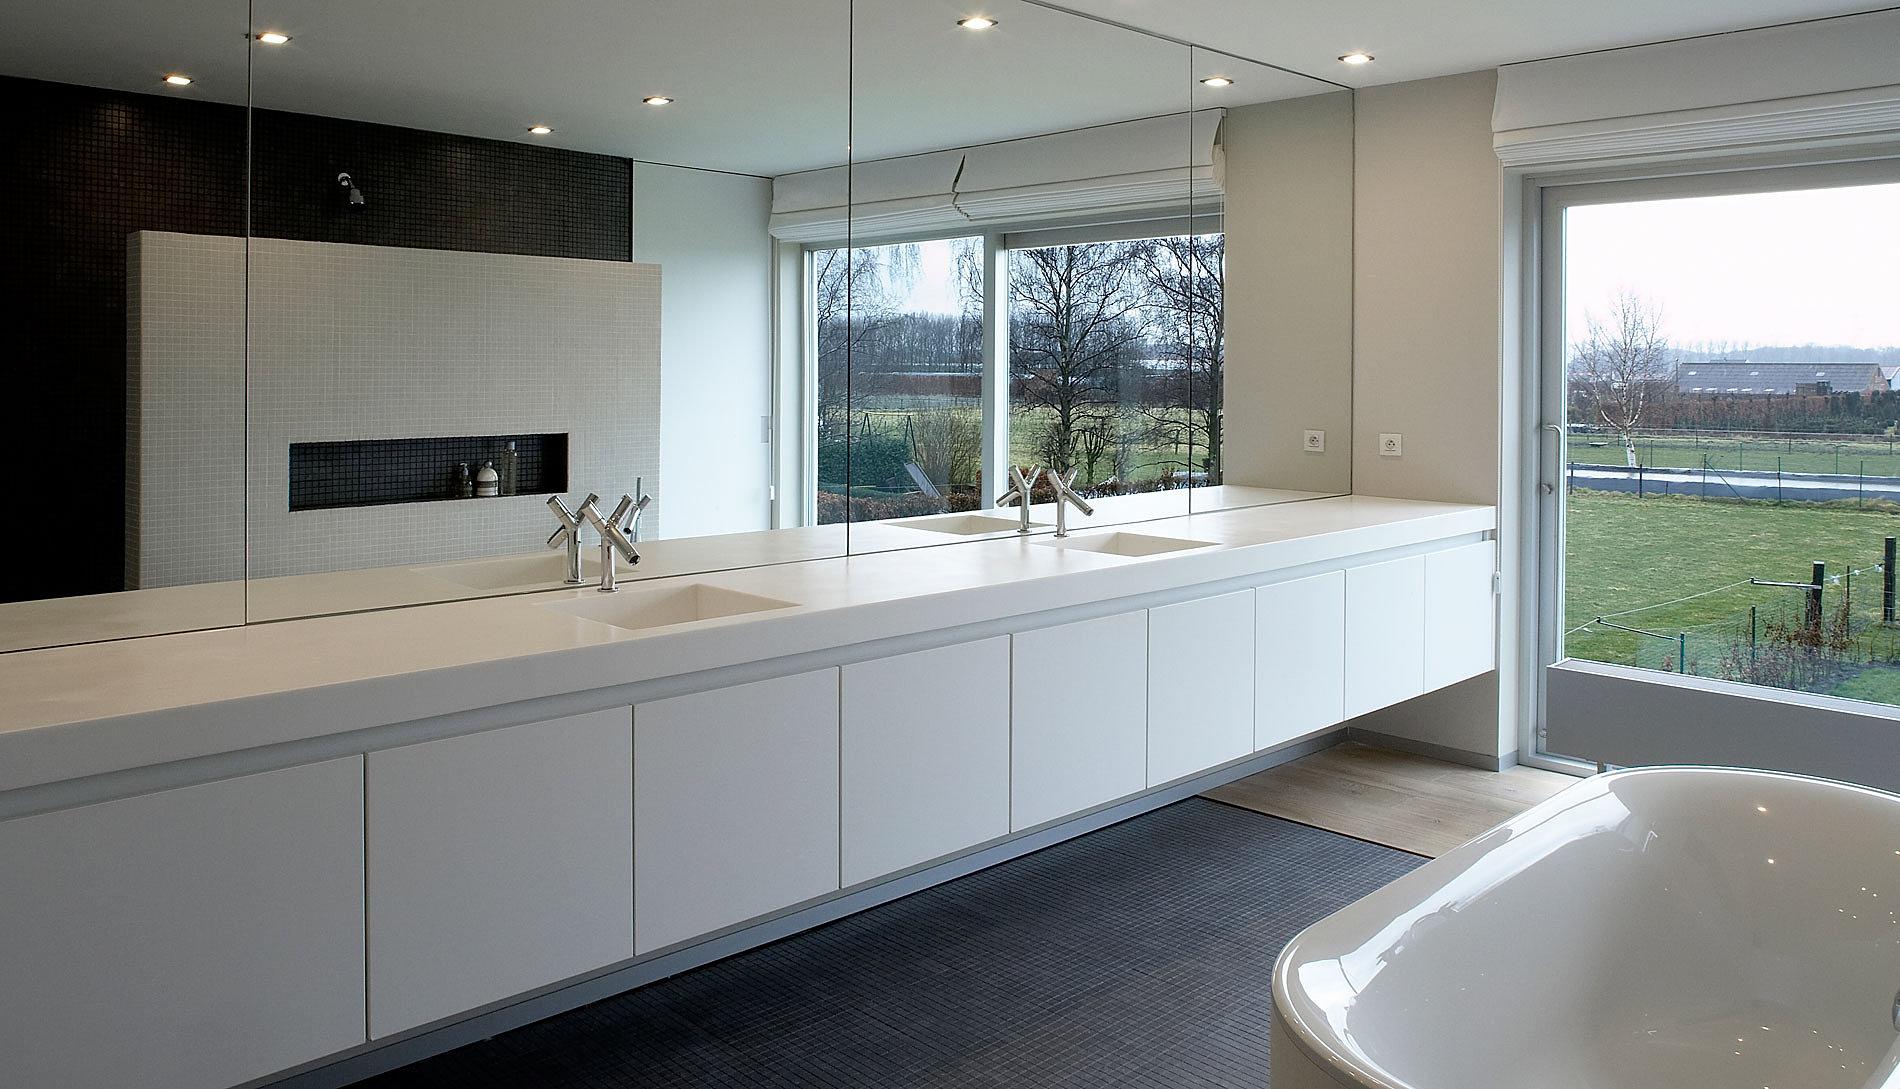 keukens, badkamers en interieur. mp buyl  gent en omgeving, Meubels Ideeën